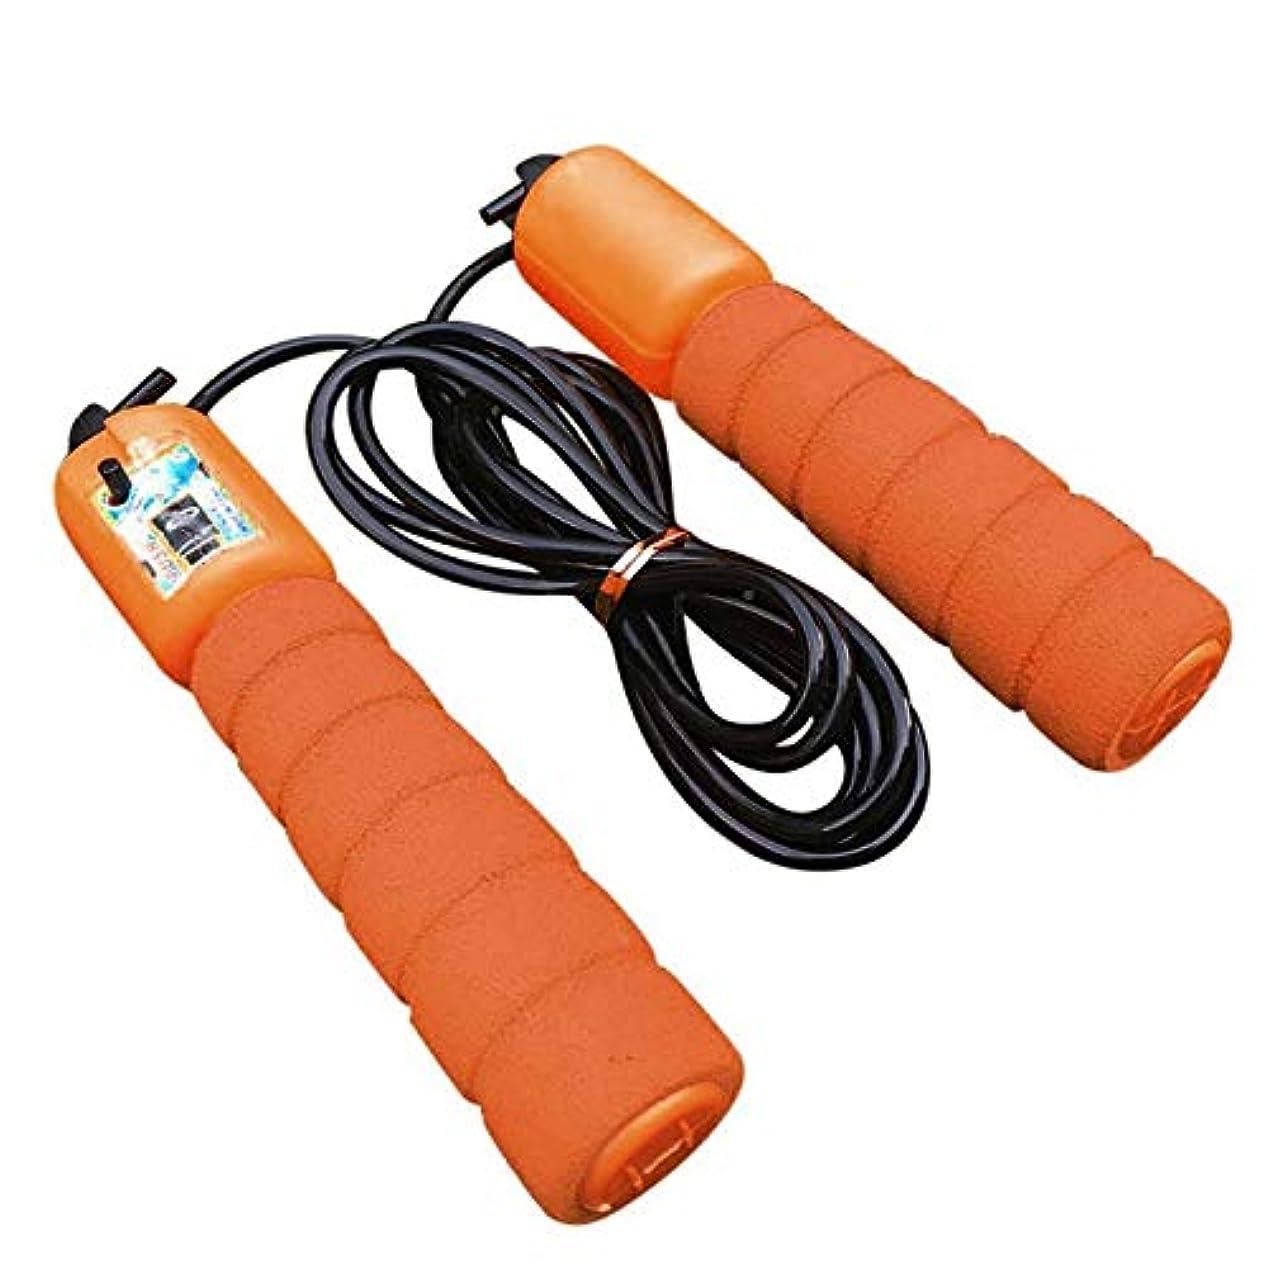 モードリンチューインガムビタミン調整可能なプロのカウント縄跳び自動カウントジャンプロープフィットネス運動高速カウントジャンプロープ - オレンジ